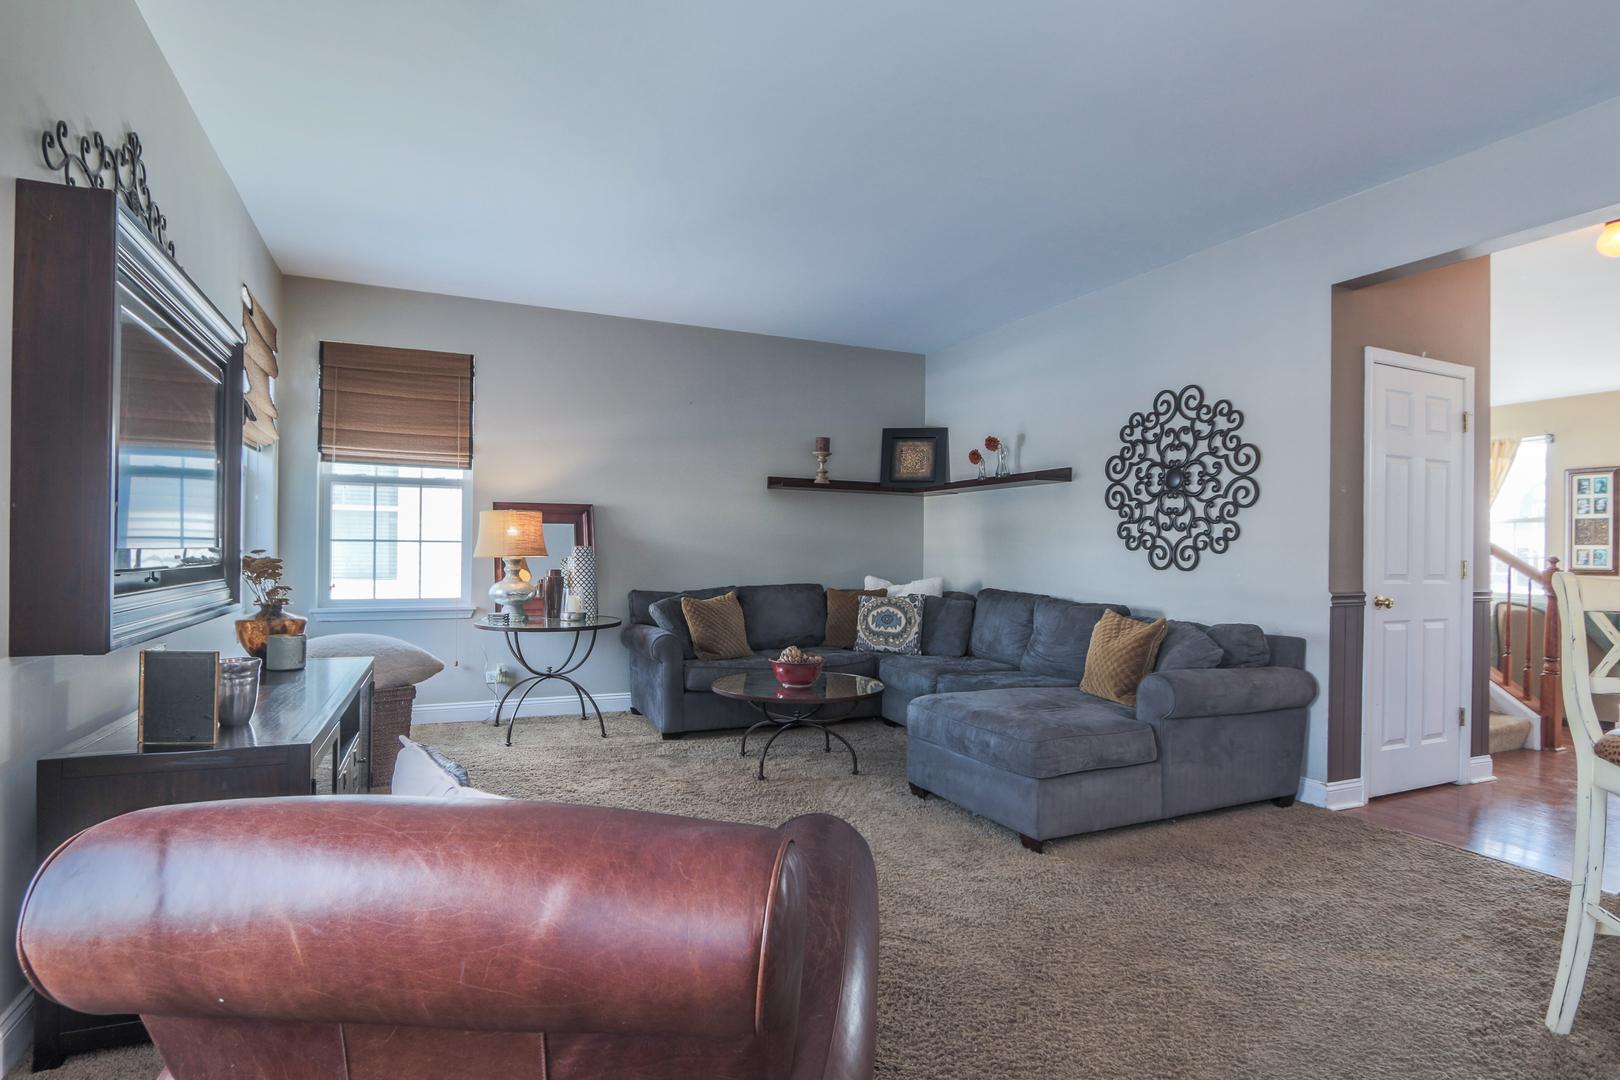 2776 Middleton, AURORA, Illinois, 60503